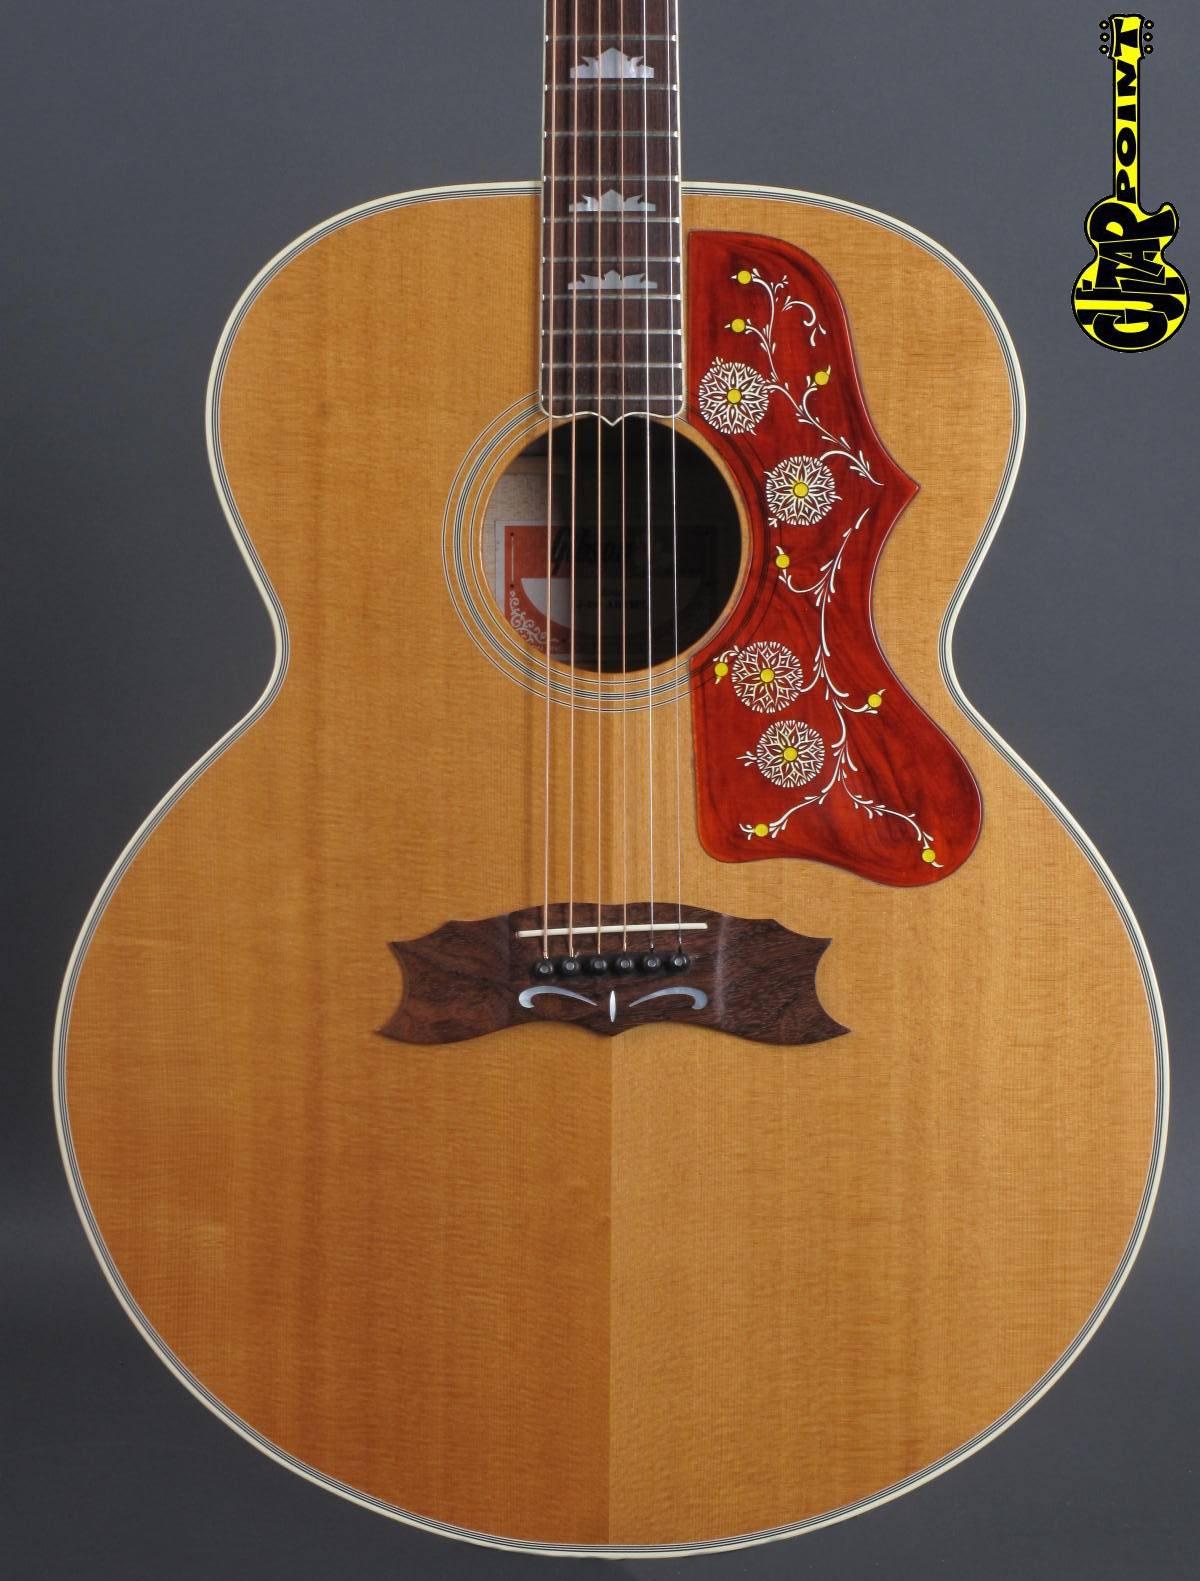 1981 Gibson J-200 Artist - Natural